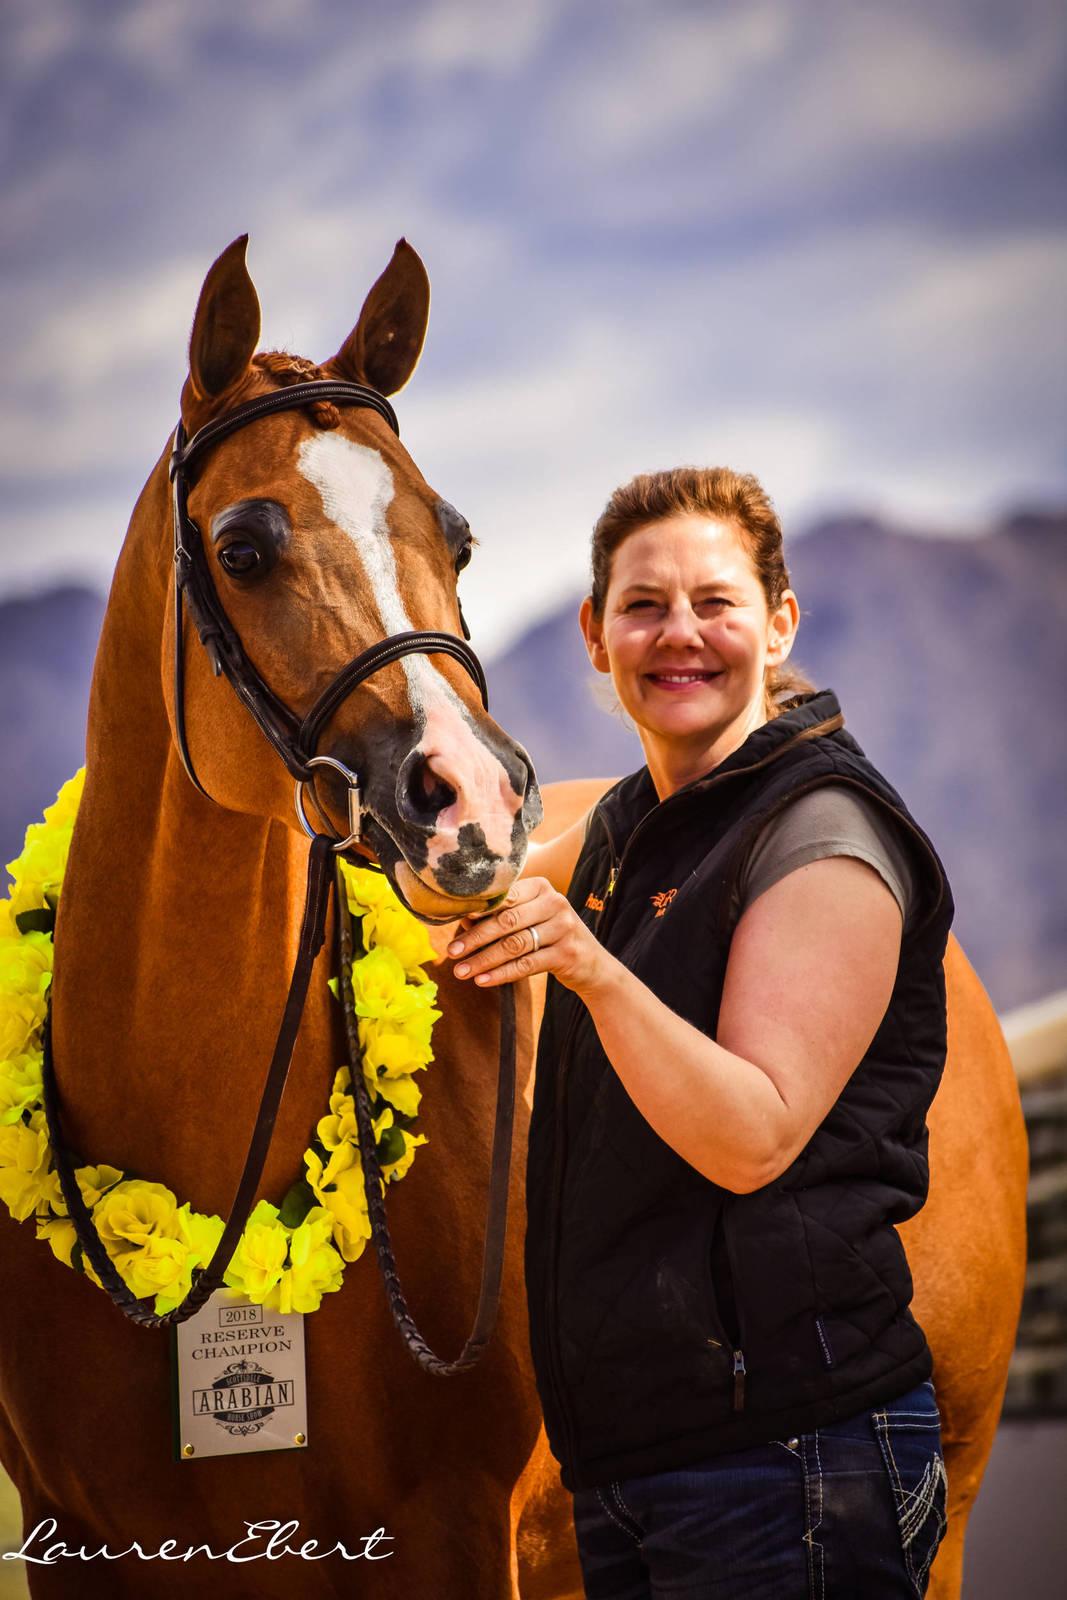 2018 Scottsdale Reserve Champion - Lady Justify GRK